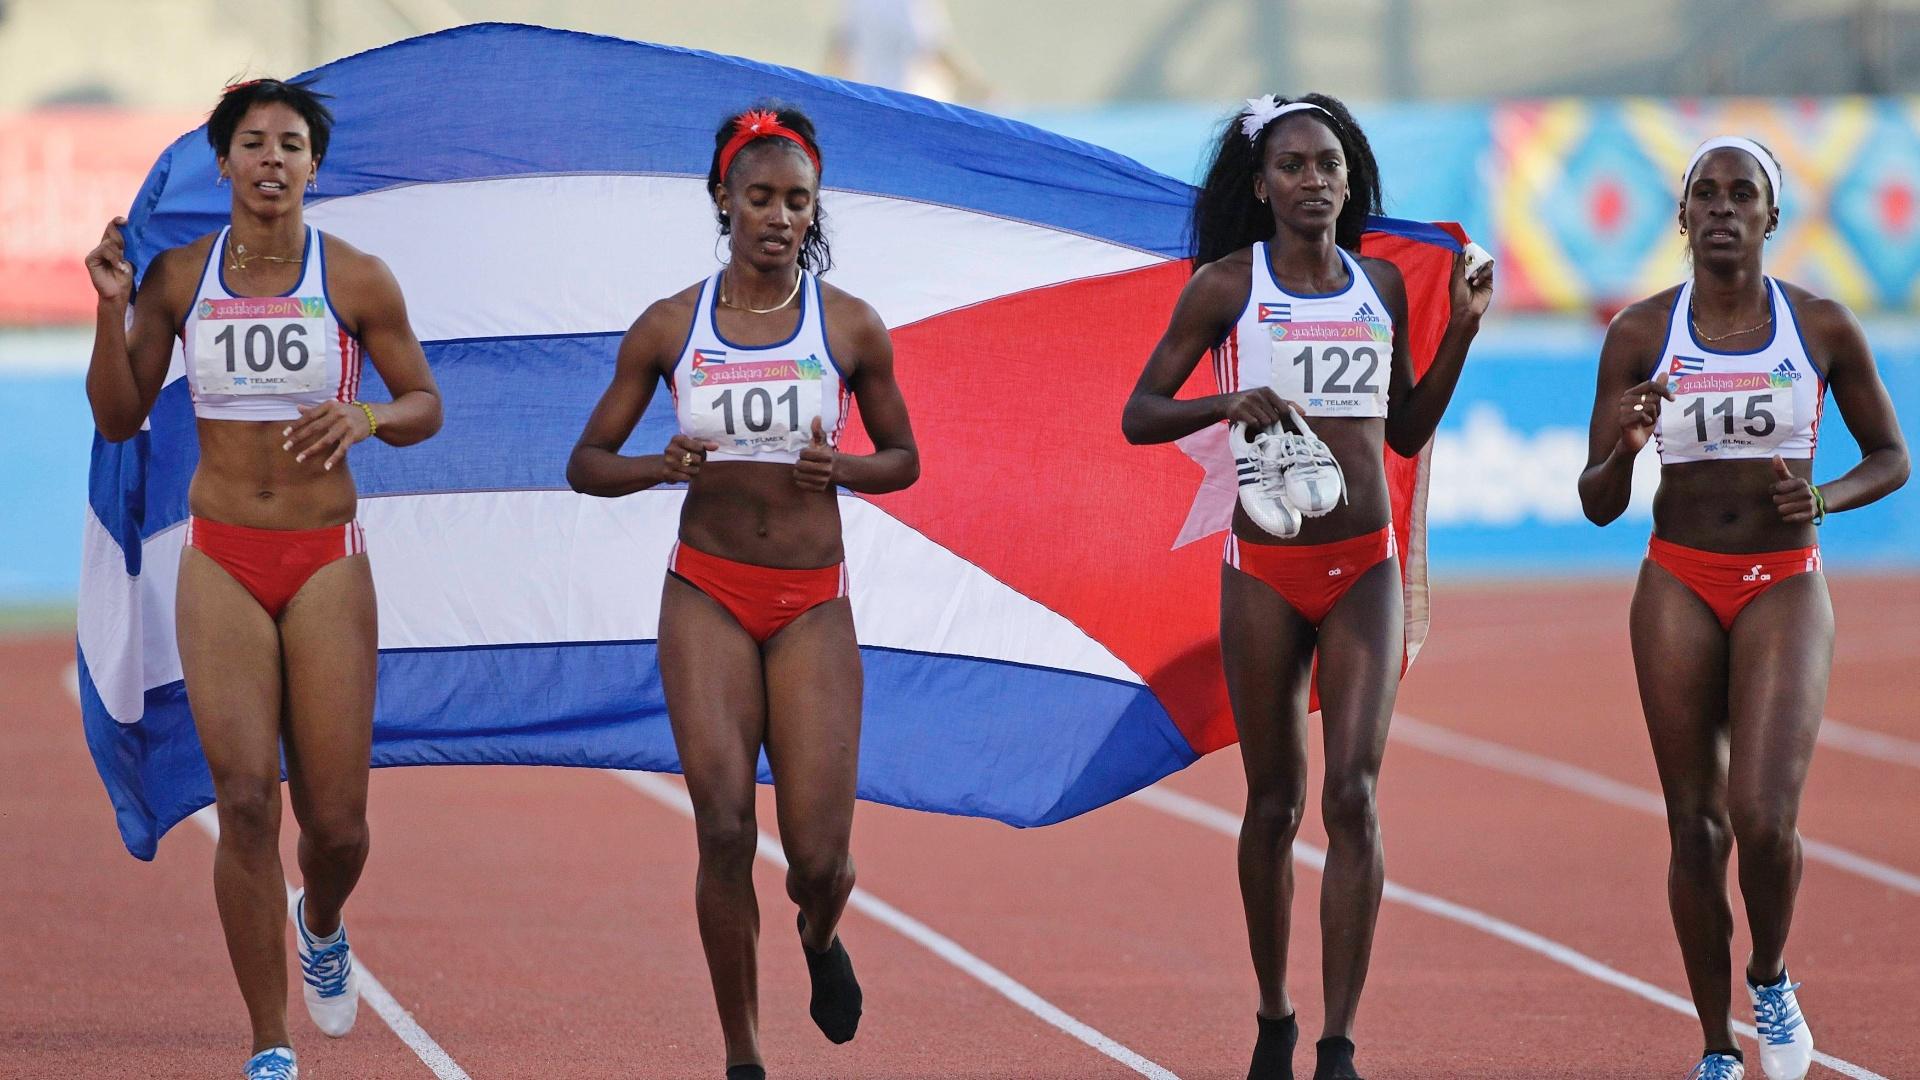 As cubanas Susan Clement, Daysiurami Bonne, Diosmely Pena e Aimee Martinez comemoram a vitória no revezamento 4x400 m em Guadalajara (28/10/2011)